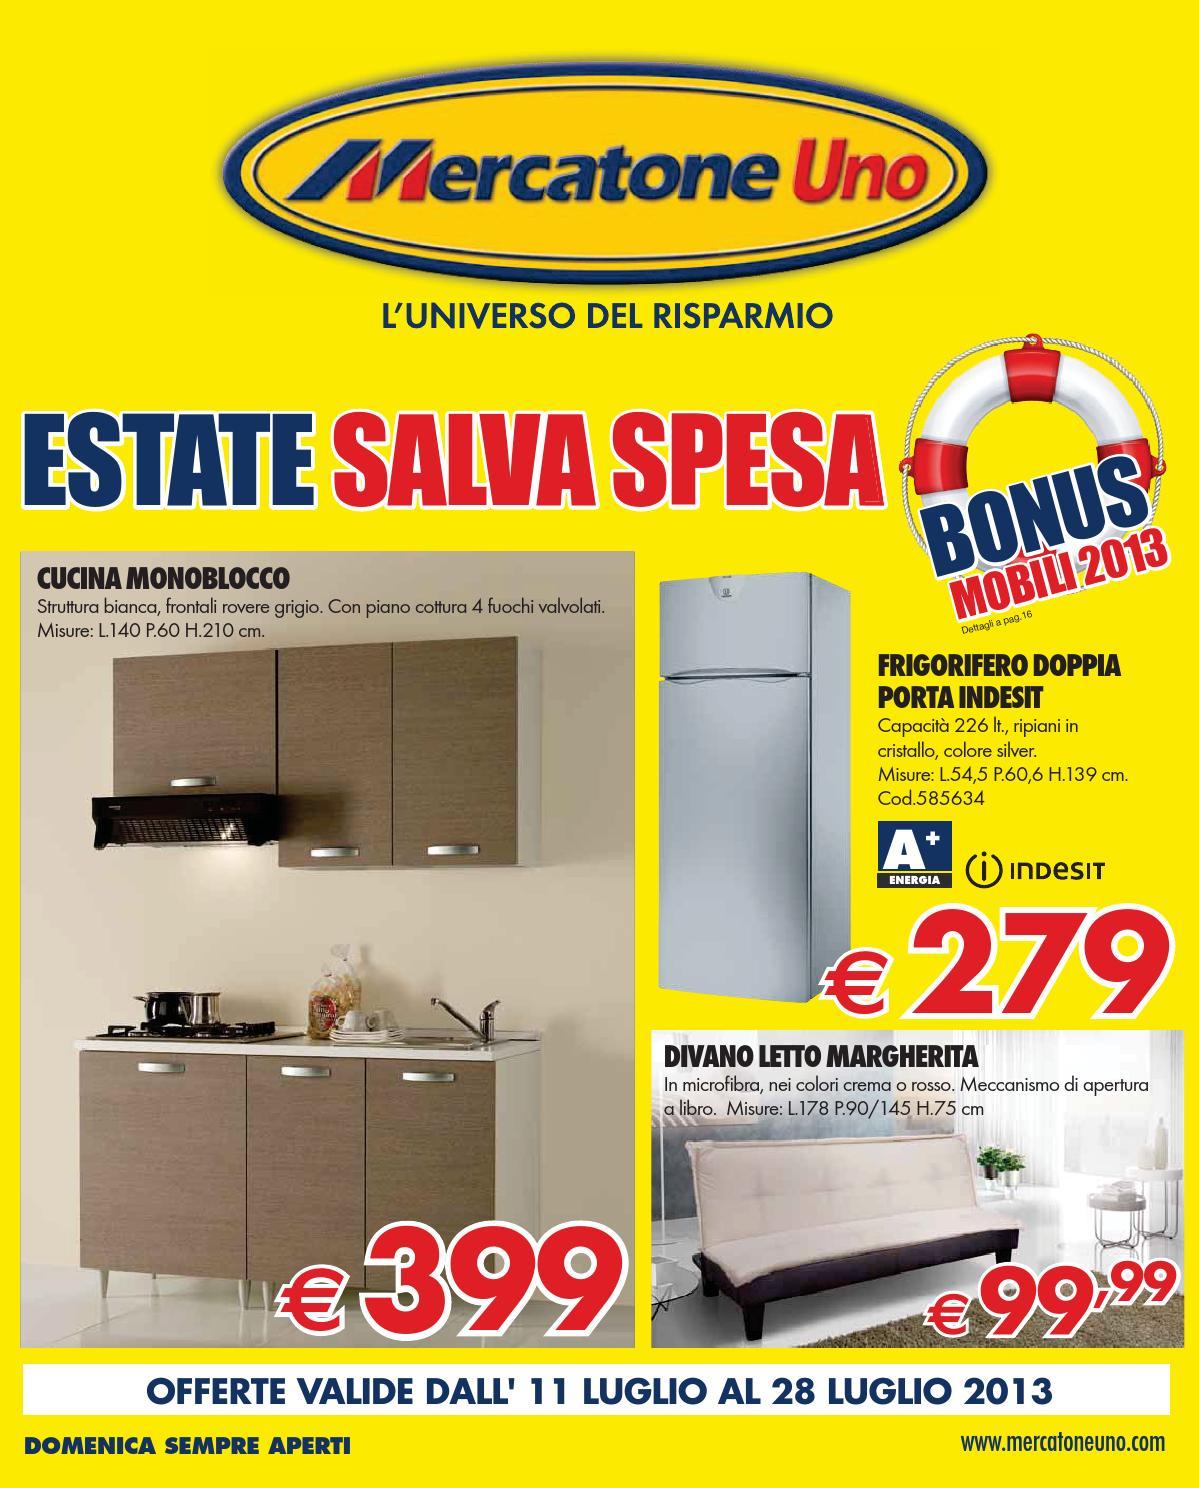 Mercatone Uno 11-28 luglio 2013 by CatalogoPromozioni.com - issuu